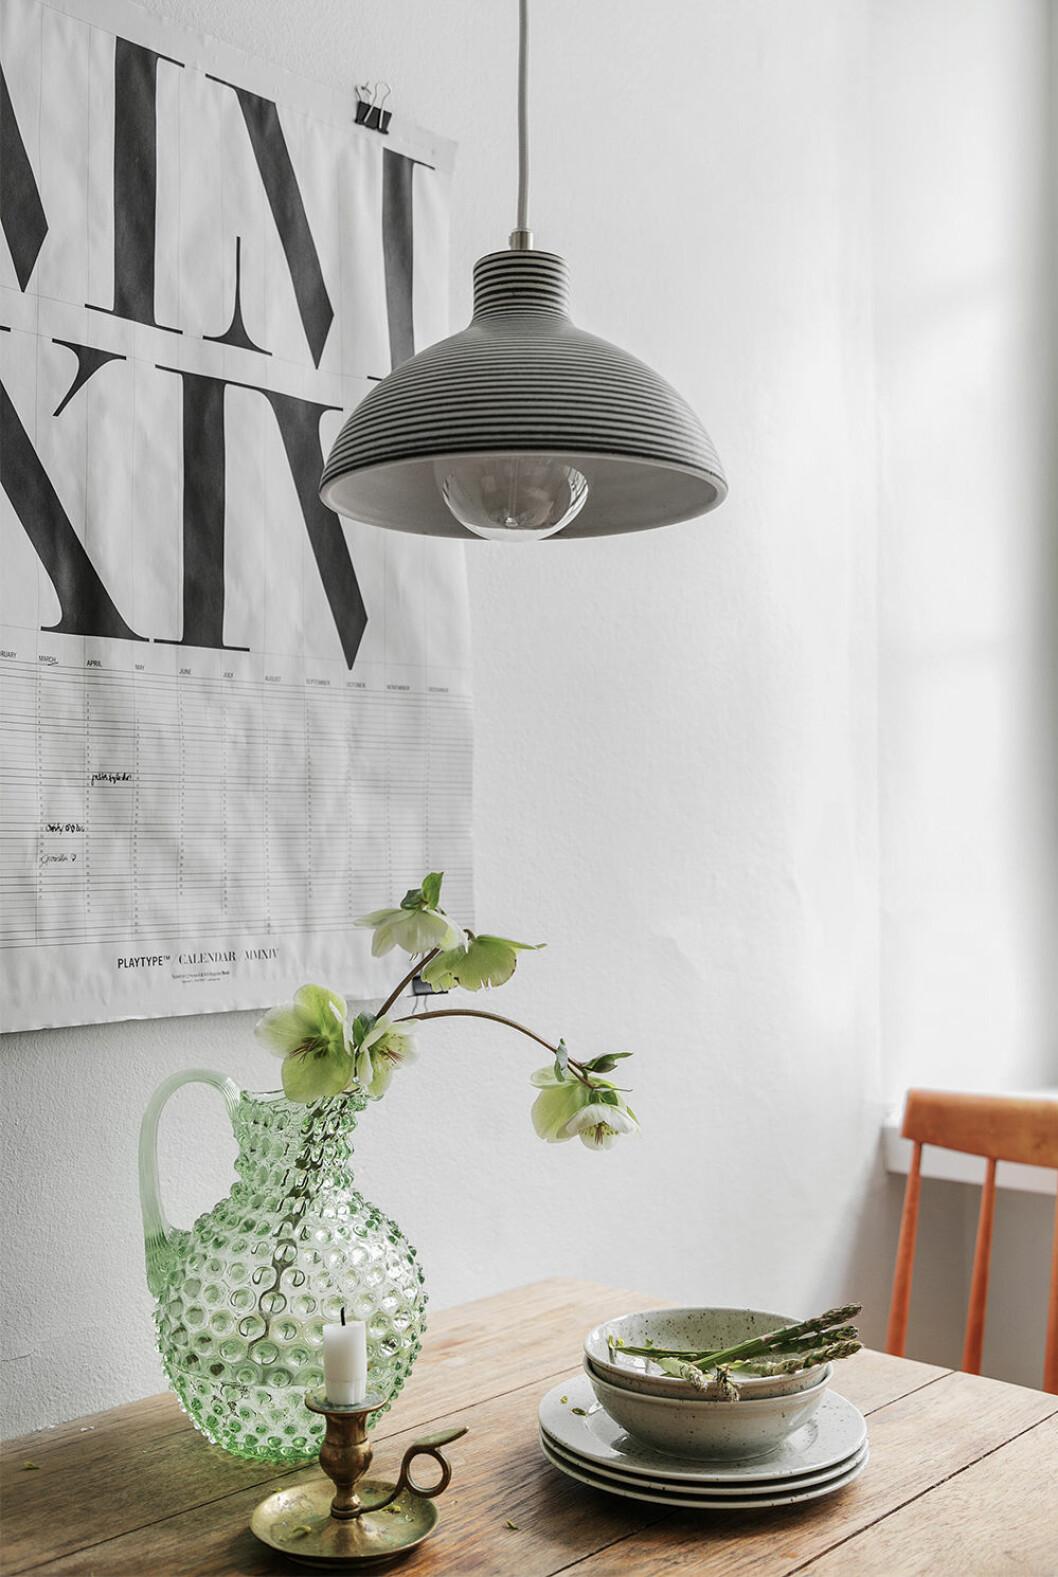 Gröna detaljer är trendigt i homestyling